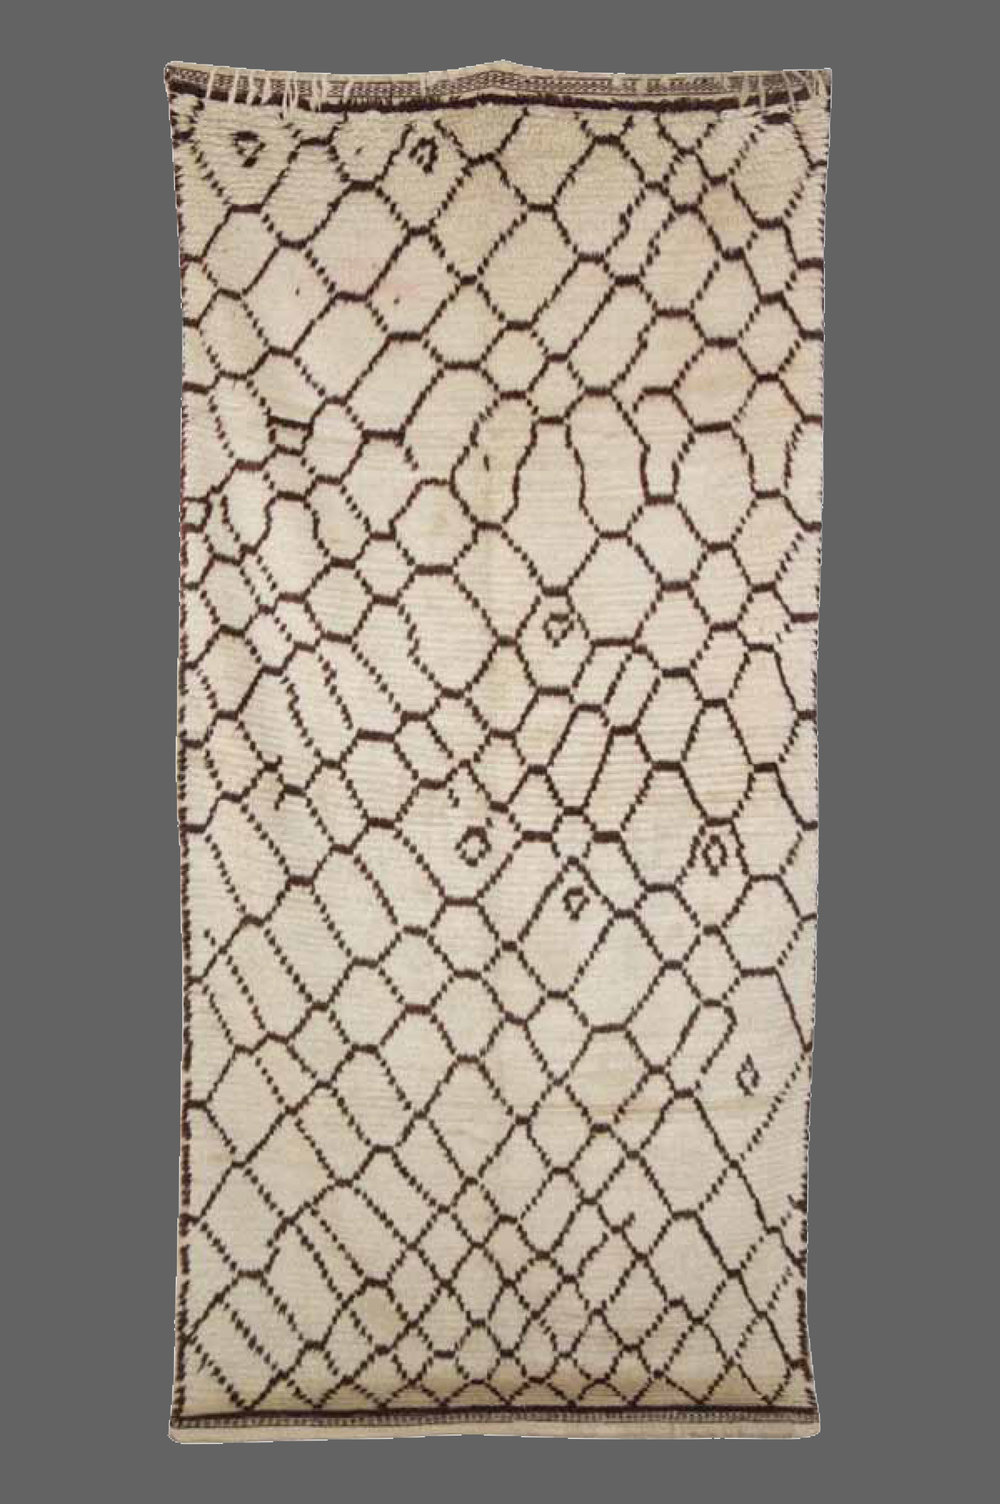 Ethnie : Azilal    Origine : Maroc Haut Atlas    Année : 1980    Dimensions : 2,58 x 1,24    Technique : Noeux noués, ras, légèrement beige    Description : superbe qualité de laine, design faussement classique    Référence : AZL 006    Prix : 1400€